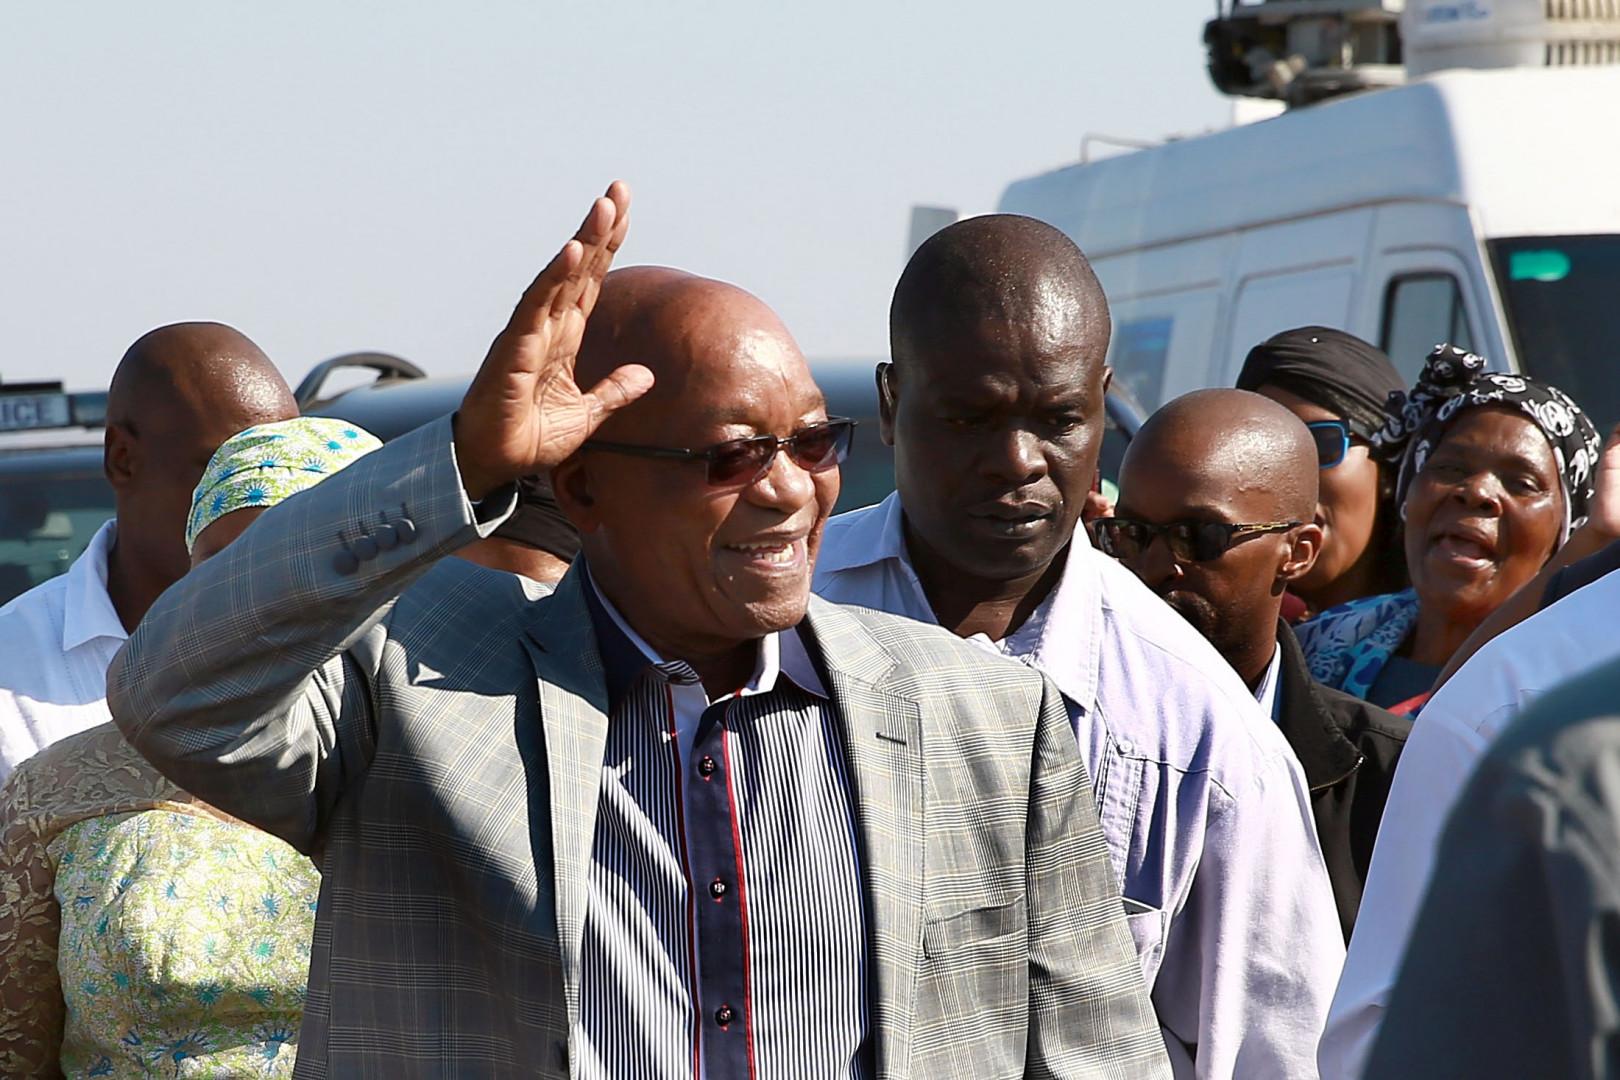 4. Le président sud-africain, Jacob Zuma, gagne 223.500 dollars par an